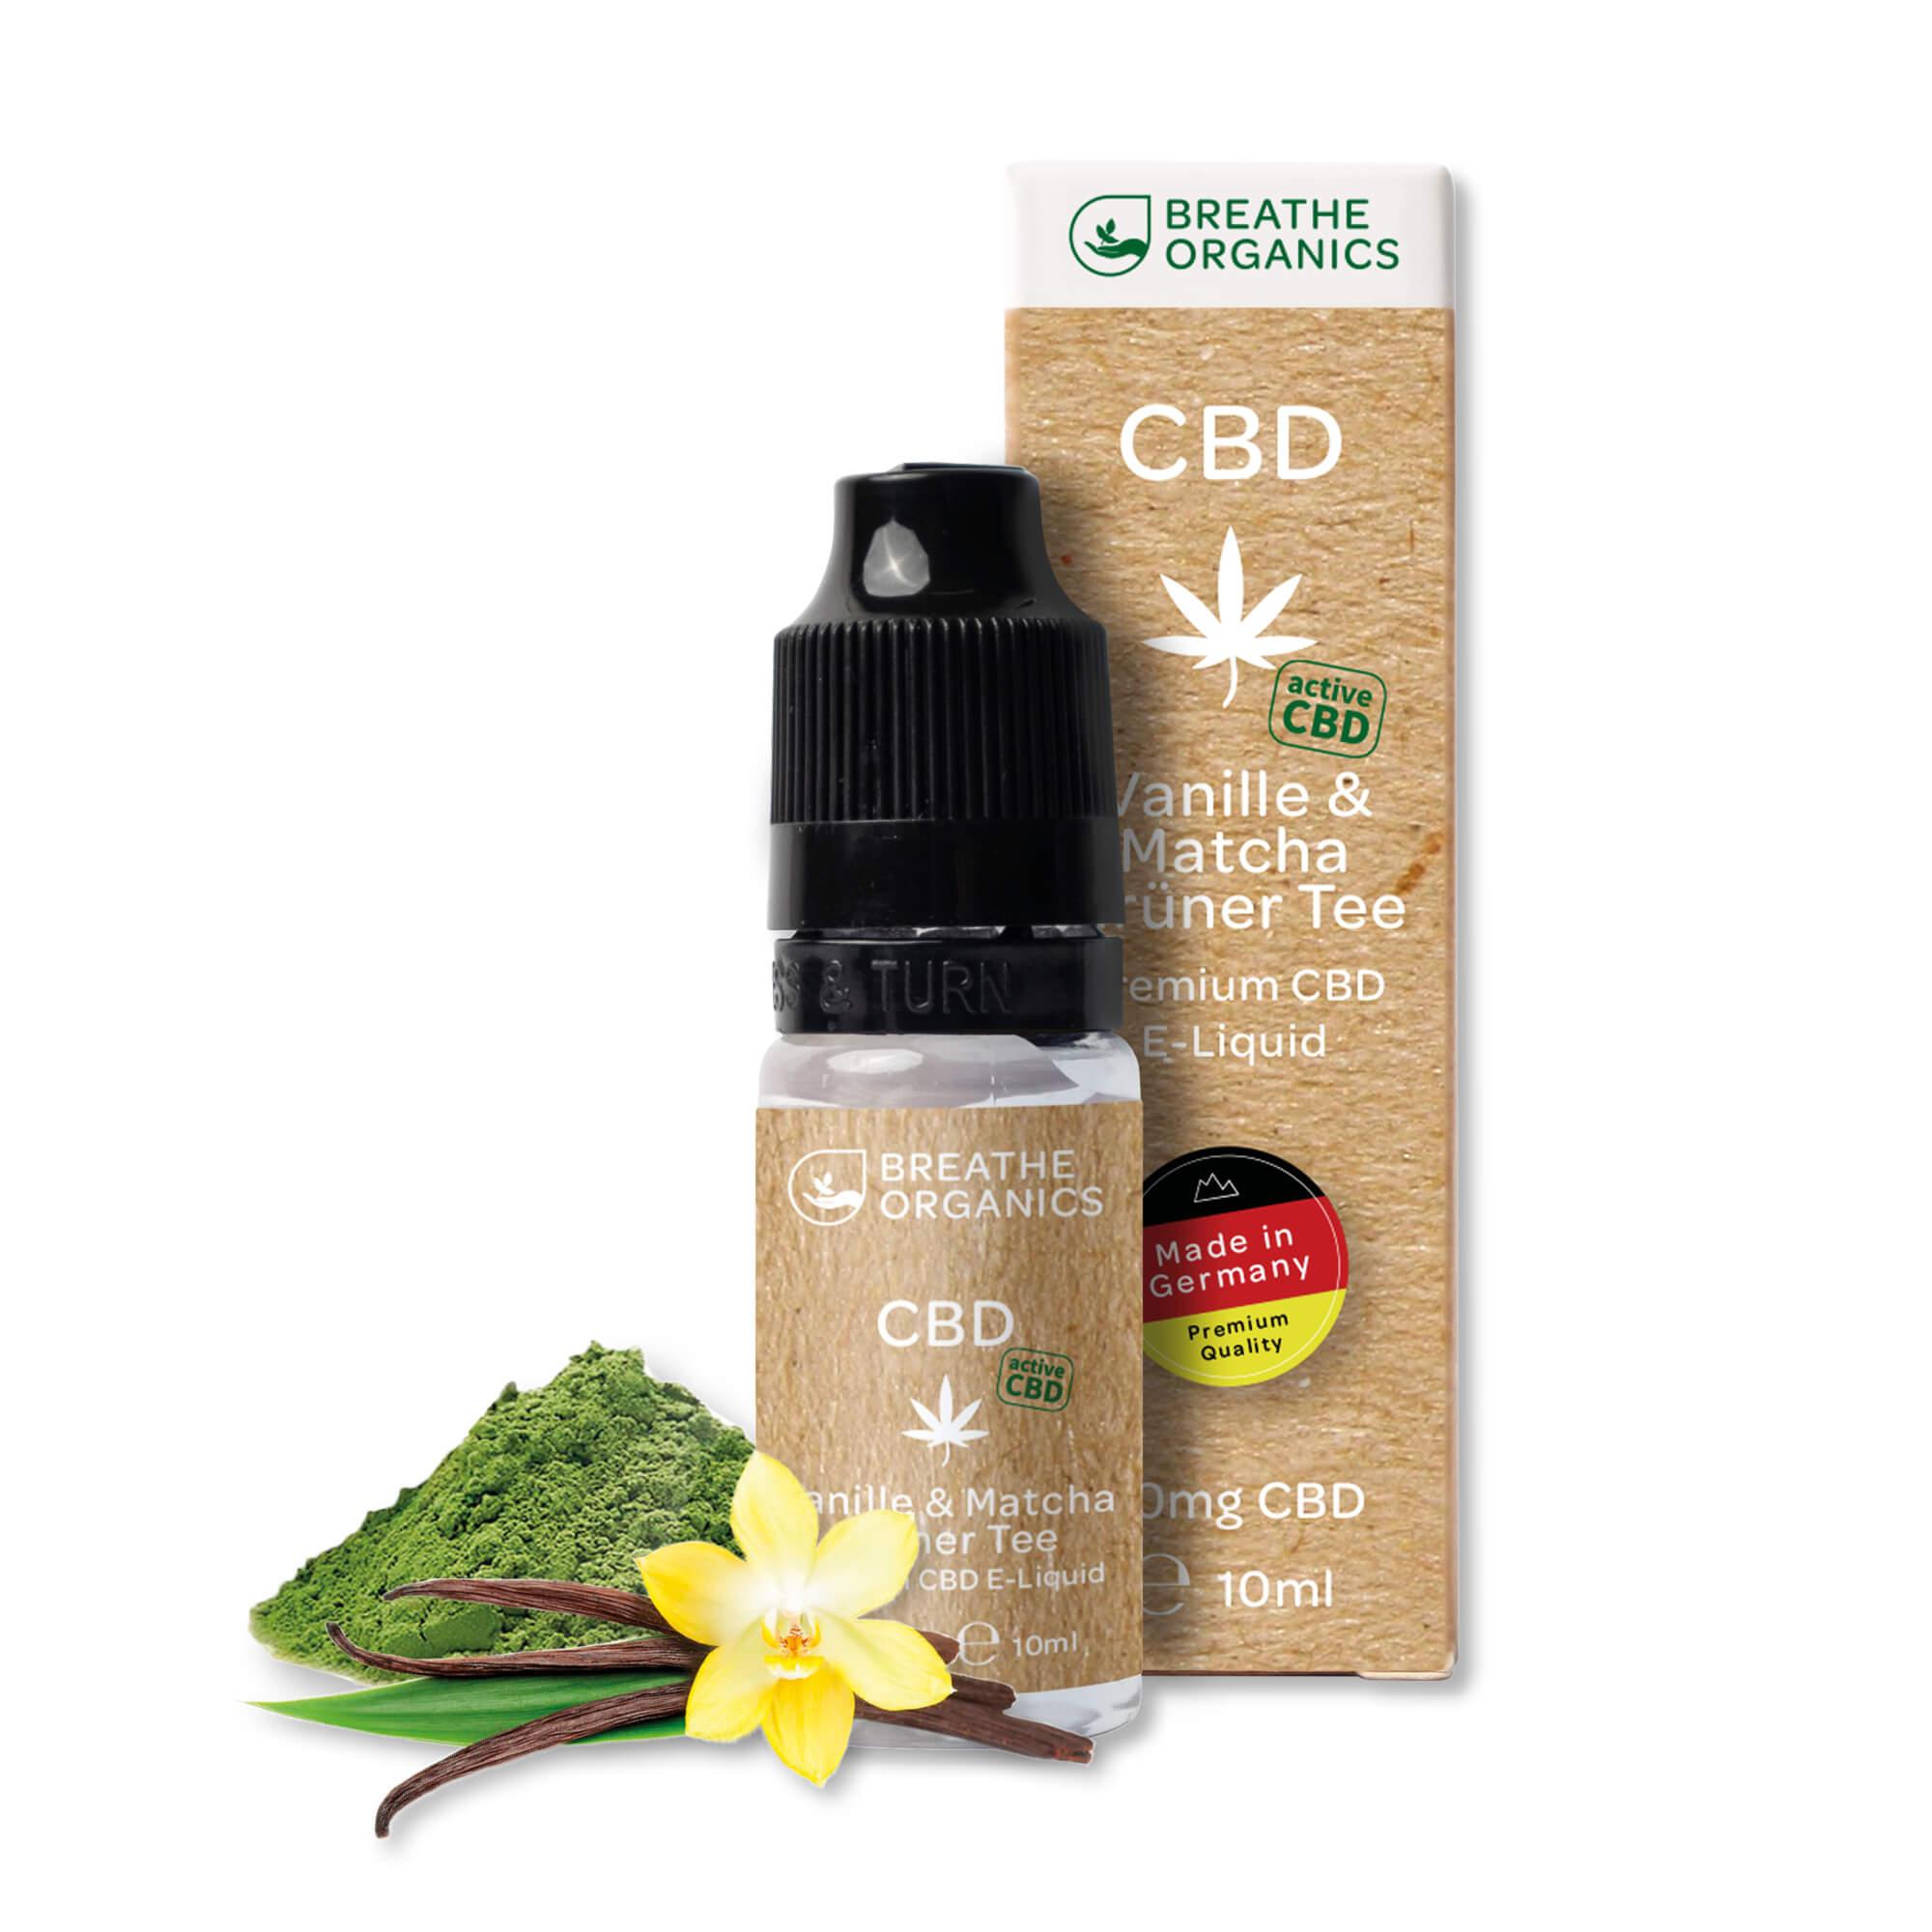 Liquid 300mg Vanille & Matcha Grüner Tee - Breathe Organics